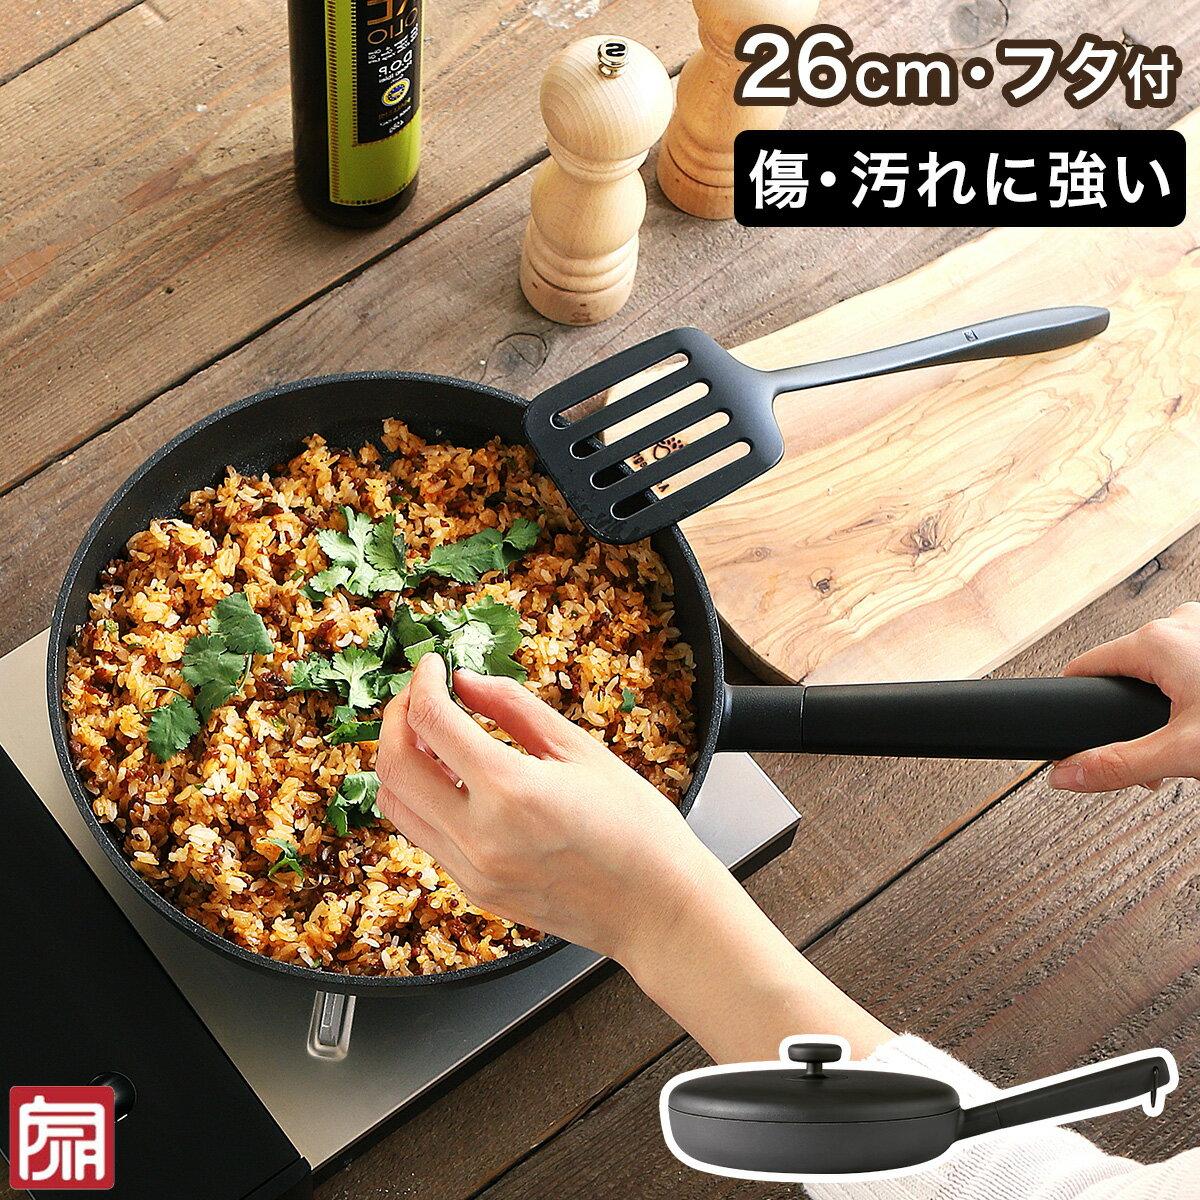 鍋・フライパン, フライパン  26cm JIA IH JIA Black Cookware 26cm